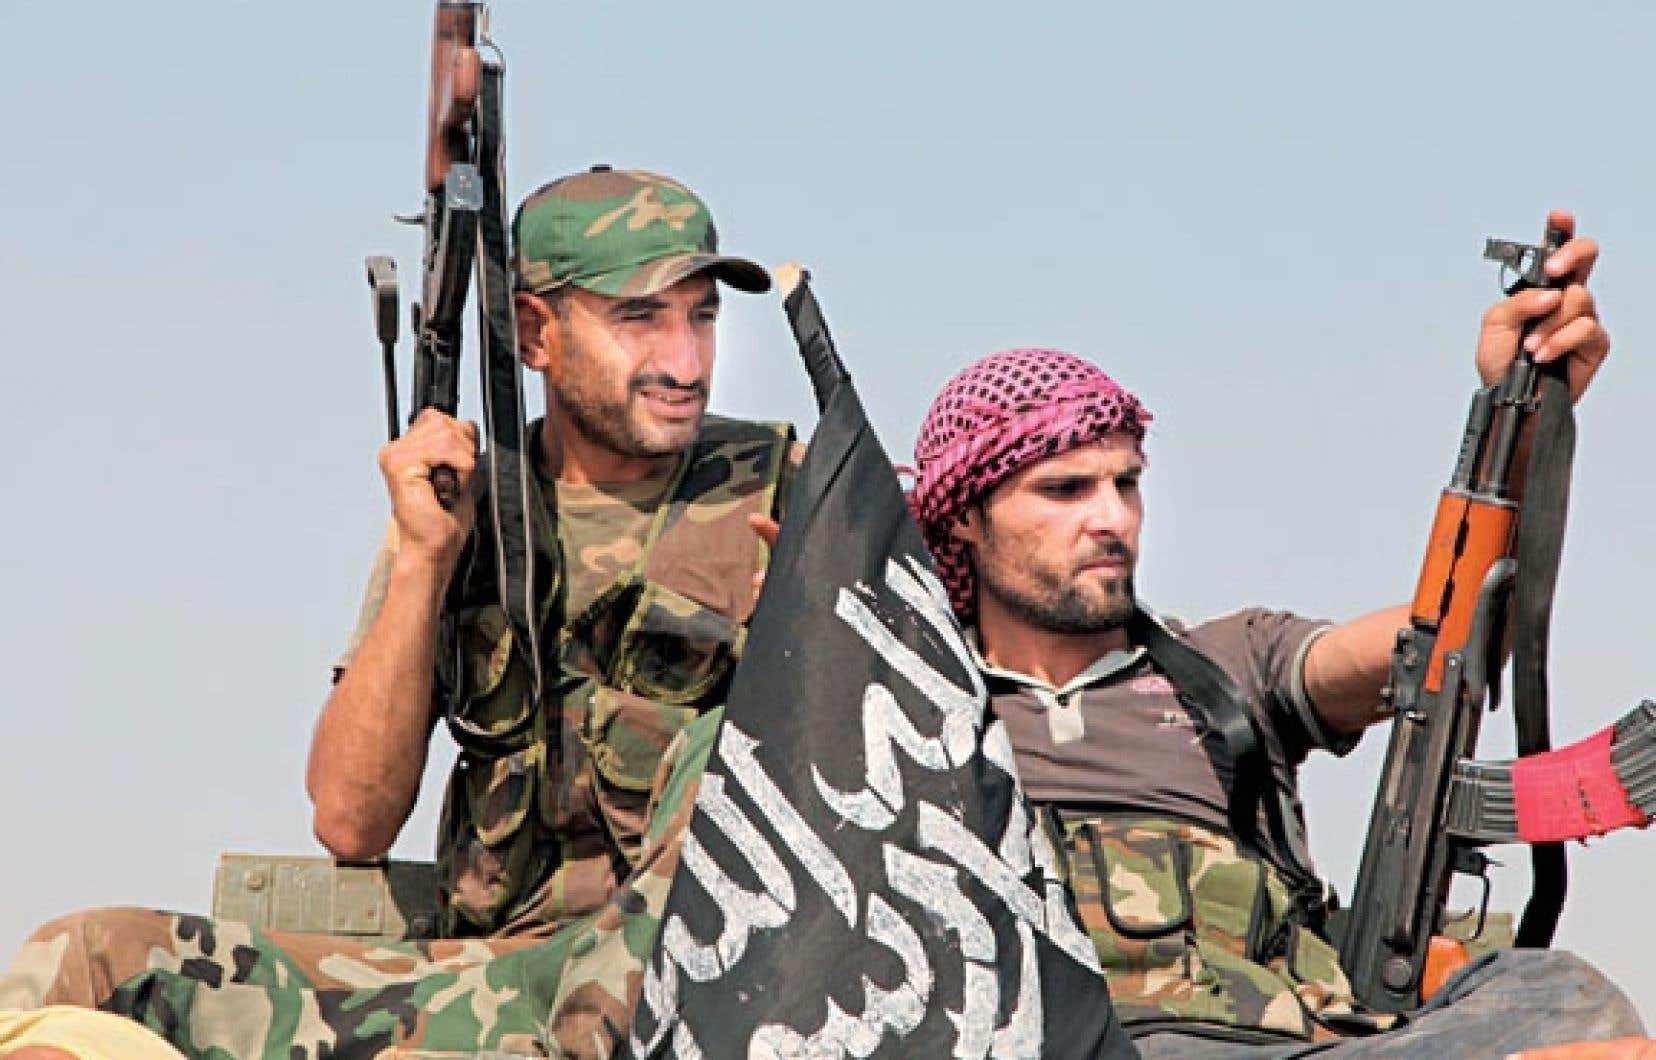 Des rebelles syriens peu après la prise d'un poste de contrôle à Anadane